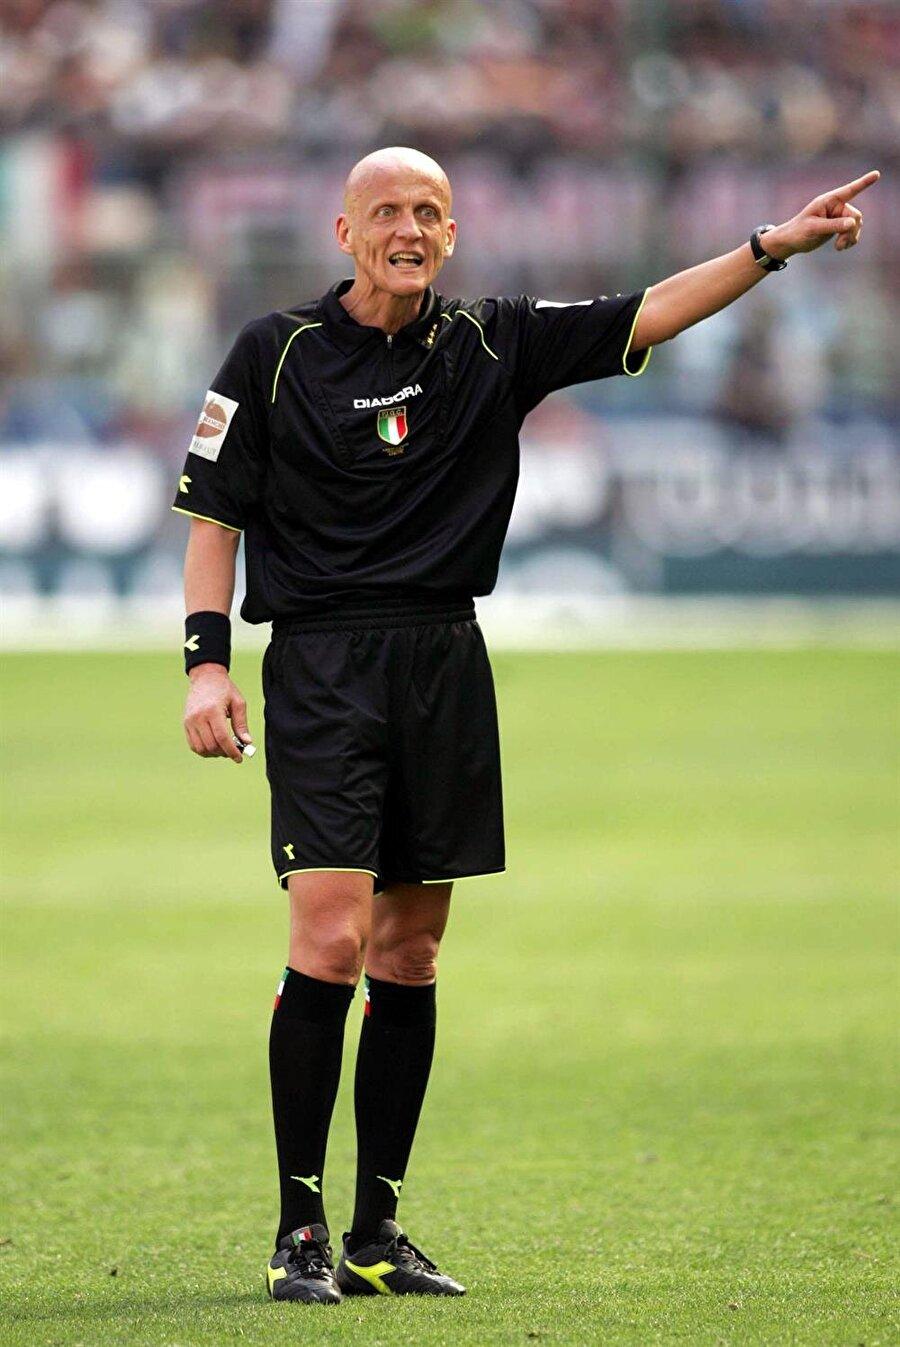 Ordu Milli Takımı maçıyla başladı Collina, uluslararası kariyerine 1995 yılında Türkiye Ordu Millî Futbol Takımı ile Fransa Ordu Millî Futbol Takımı arasında oynanan maçla başladı. Mücadele 1-1 sona erdi.